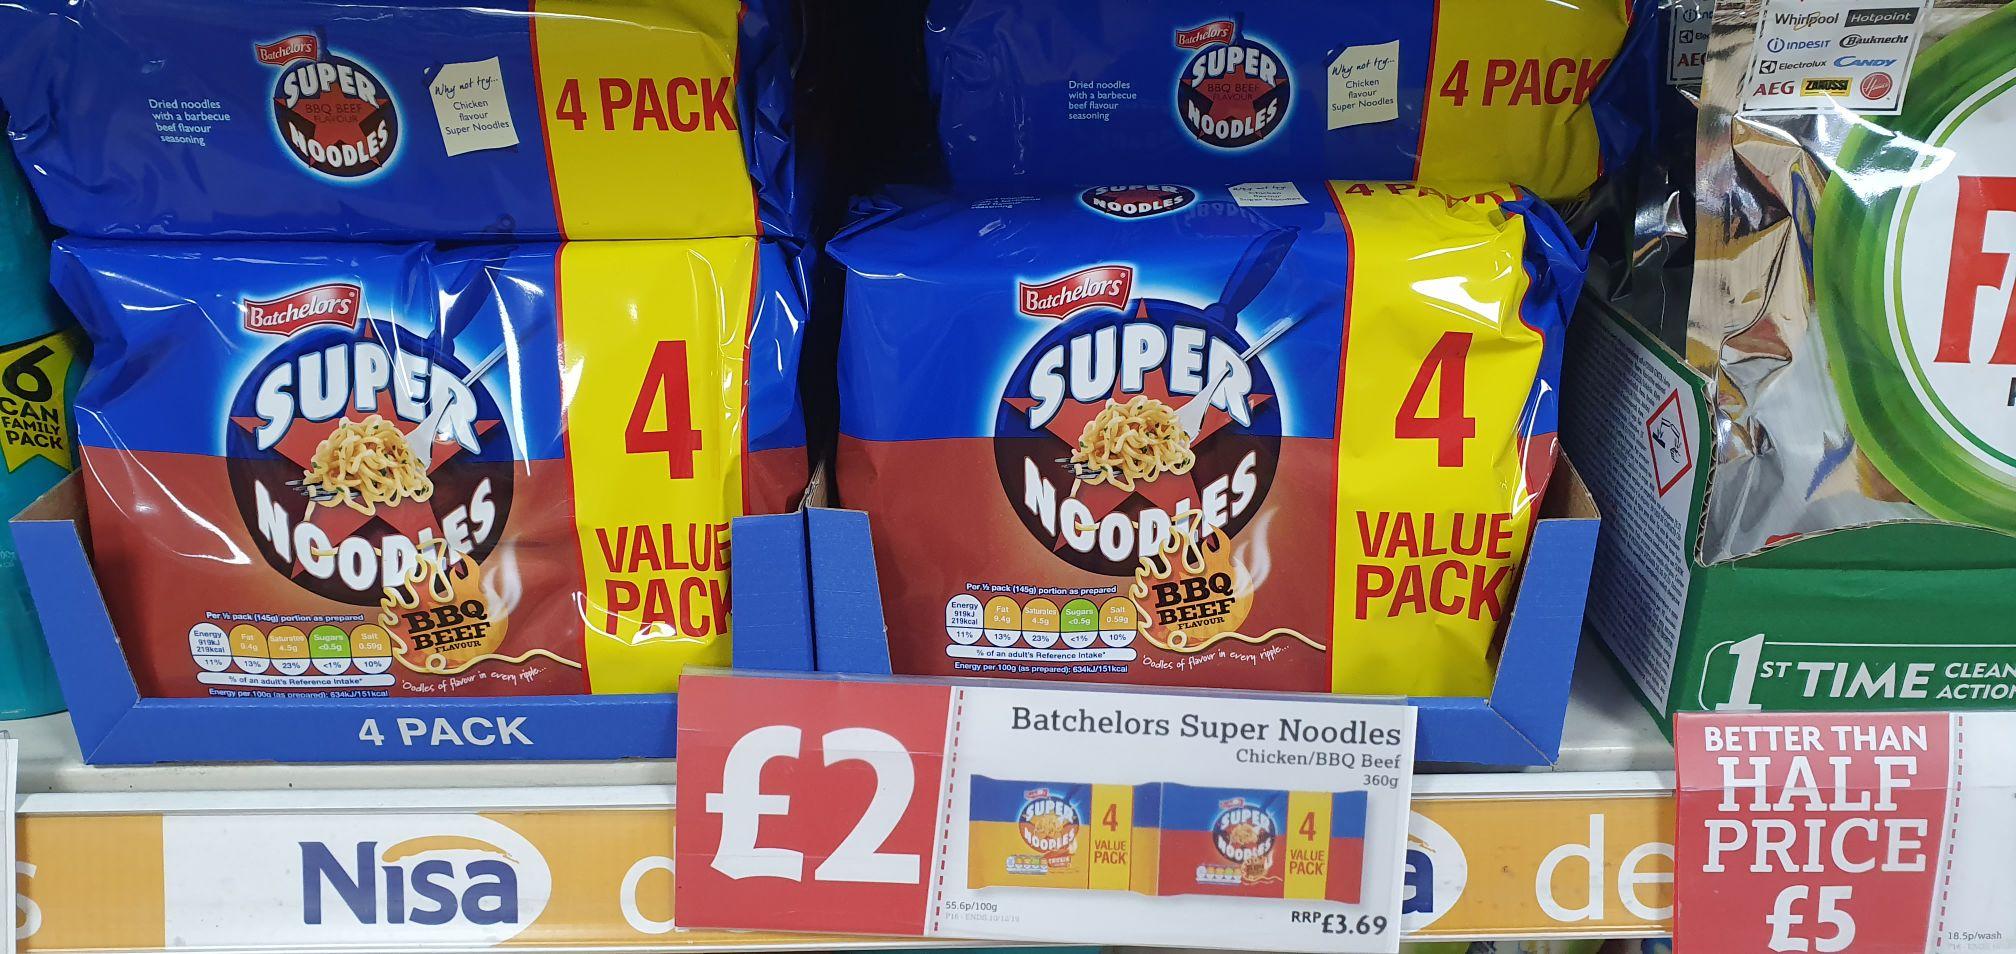 Super Noodles 4 Pack instore @ Nisa £2